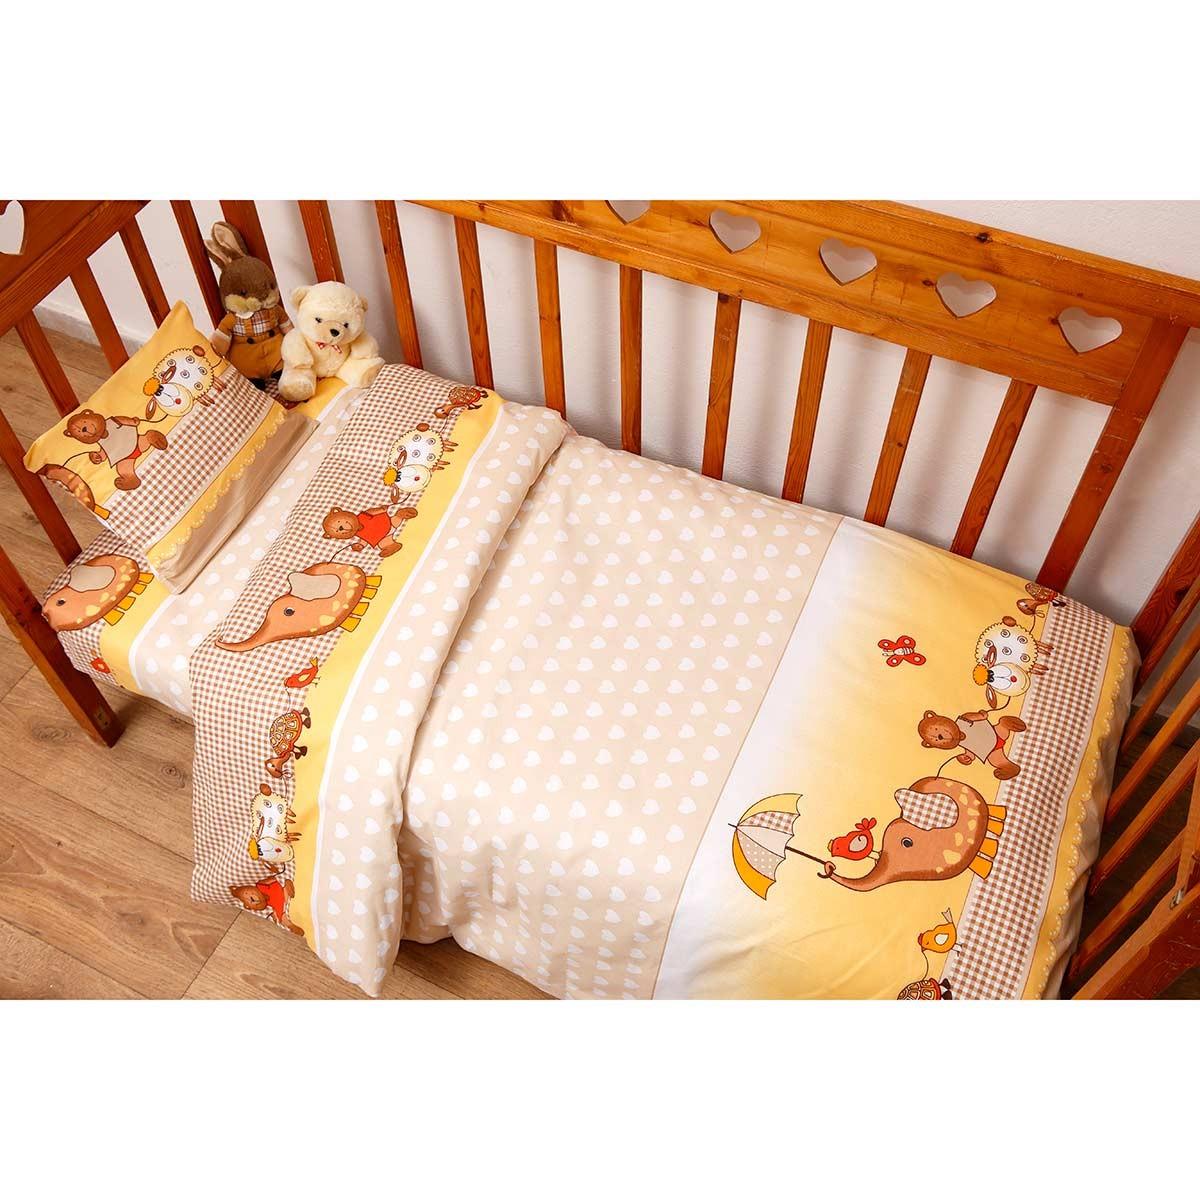 Κουβερλί Κούνιας (Σετ) Viopros Baby Cotton Χάρι